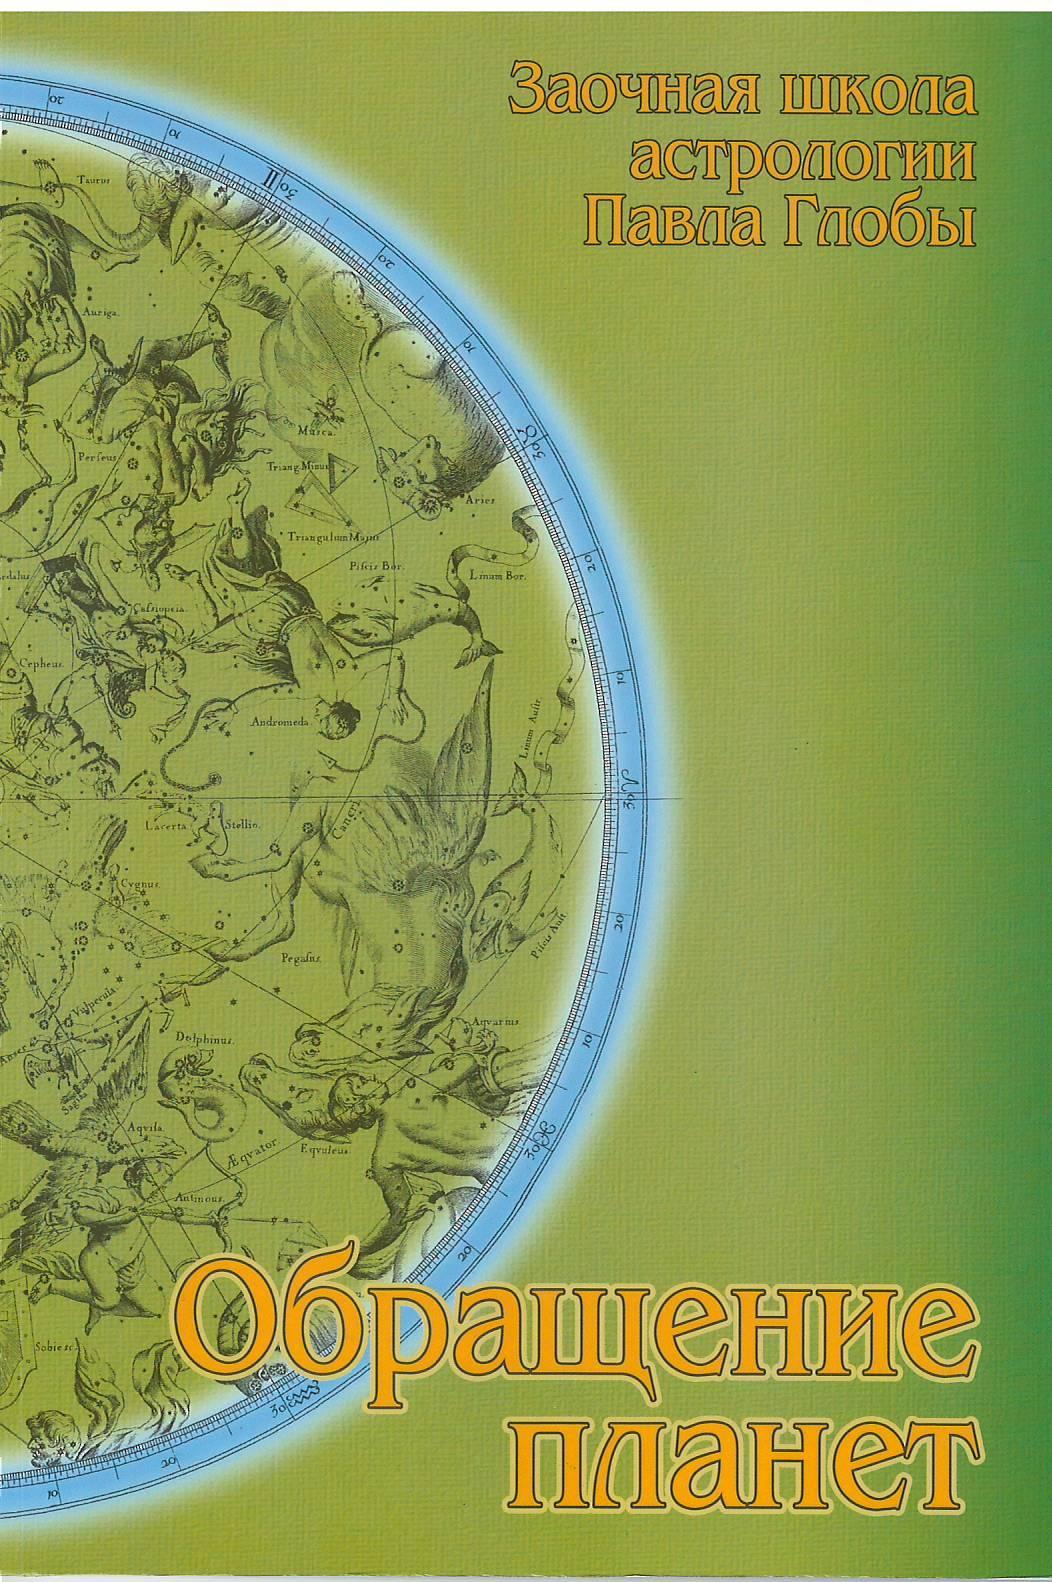 Обращение планет: метод. пособие для практ. изучения астрологии